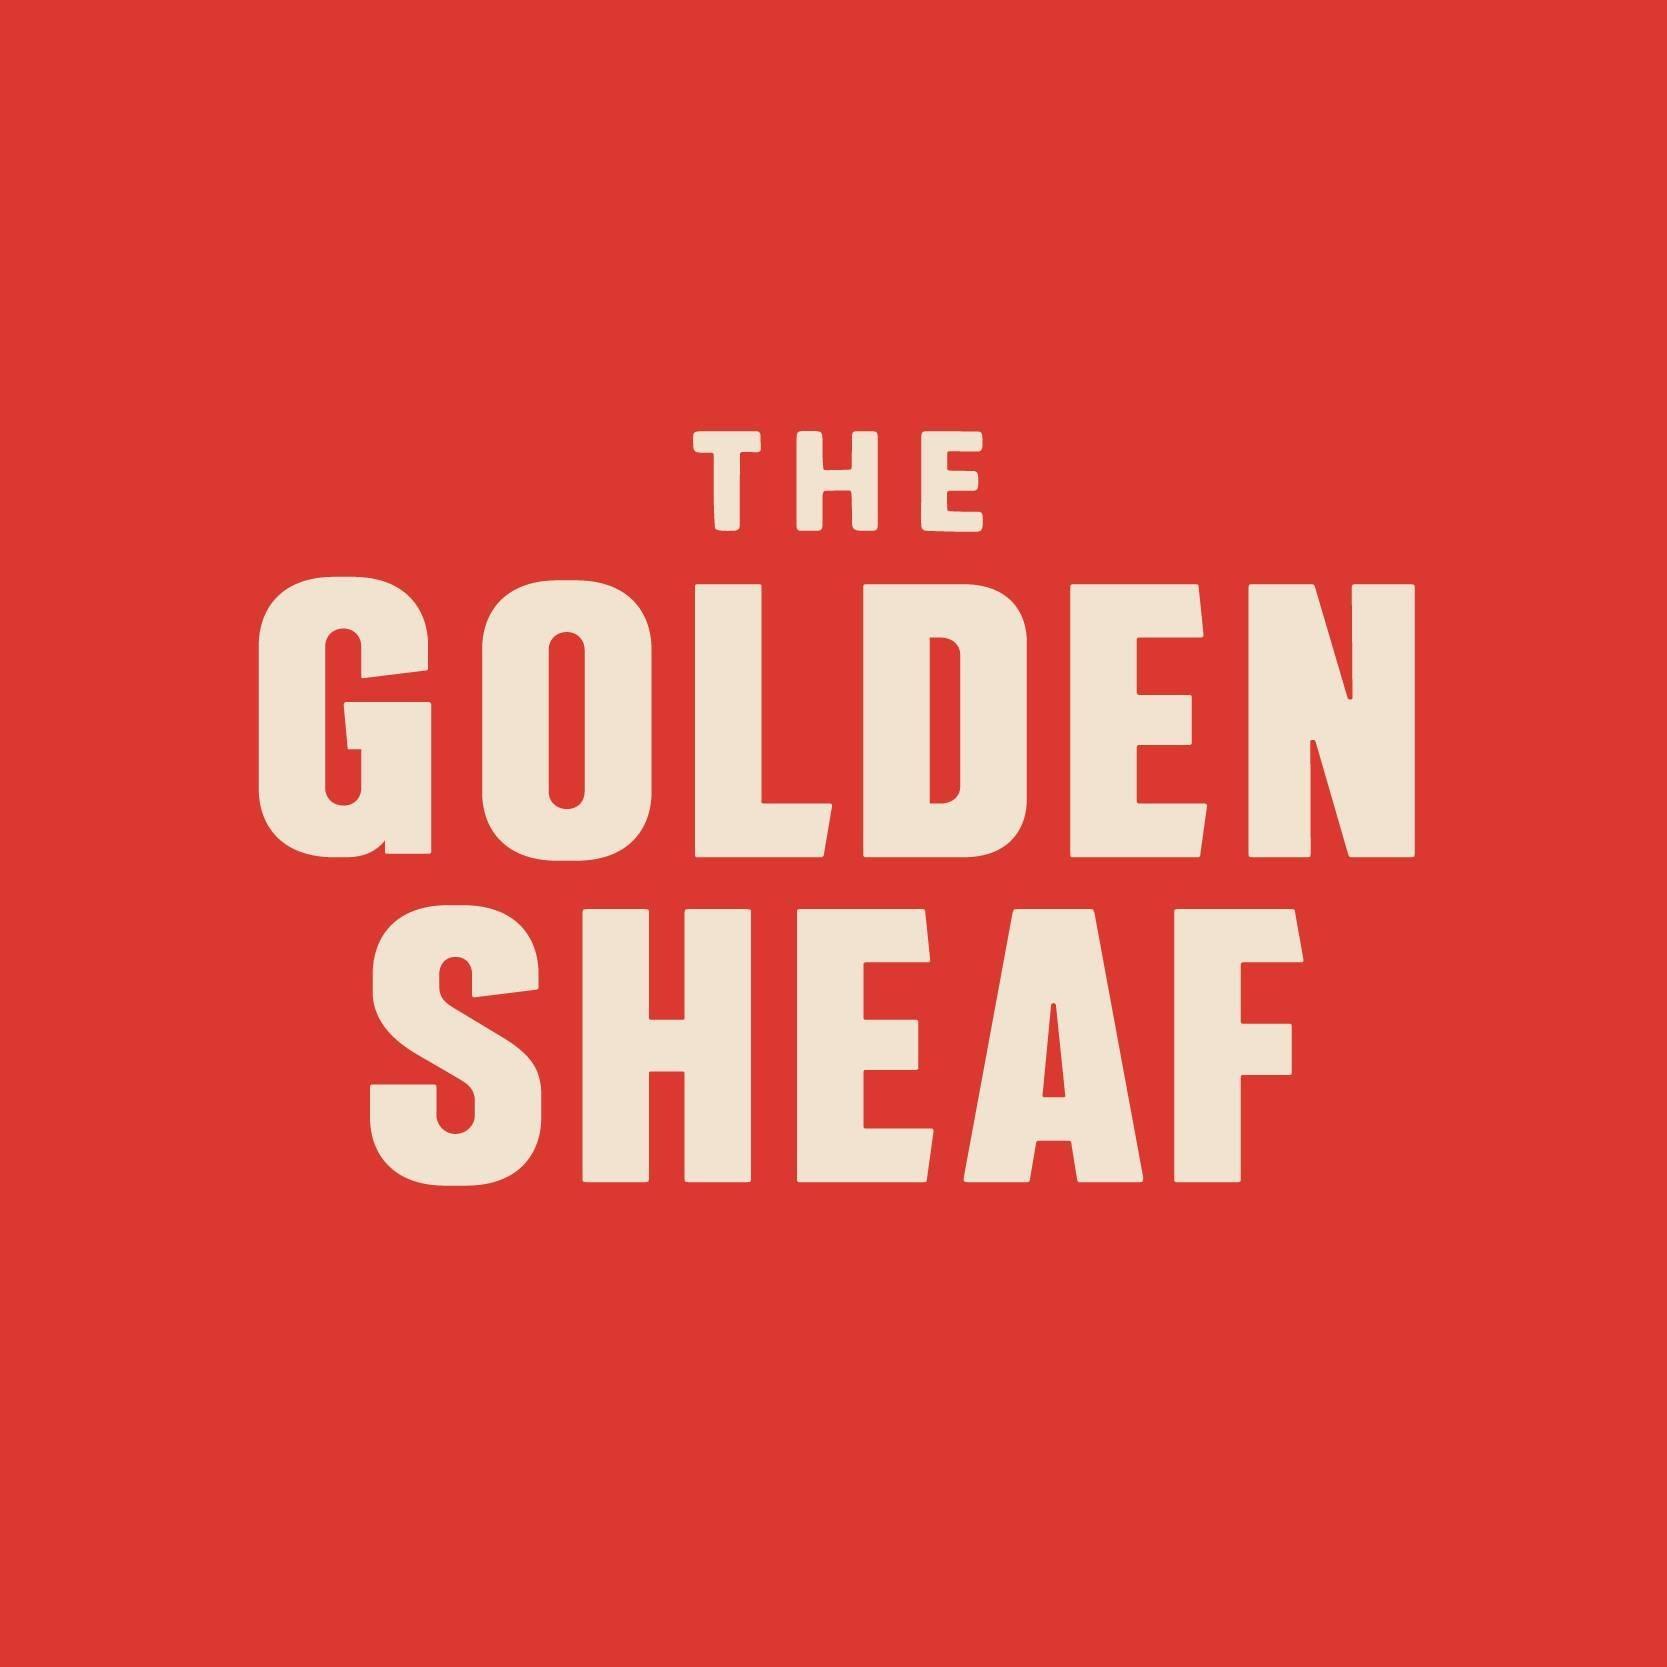 The Golden Sheaf